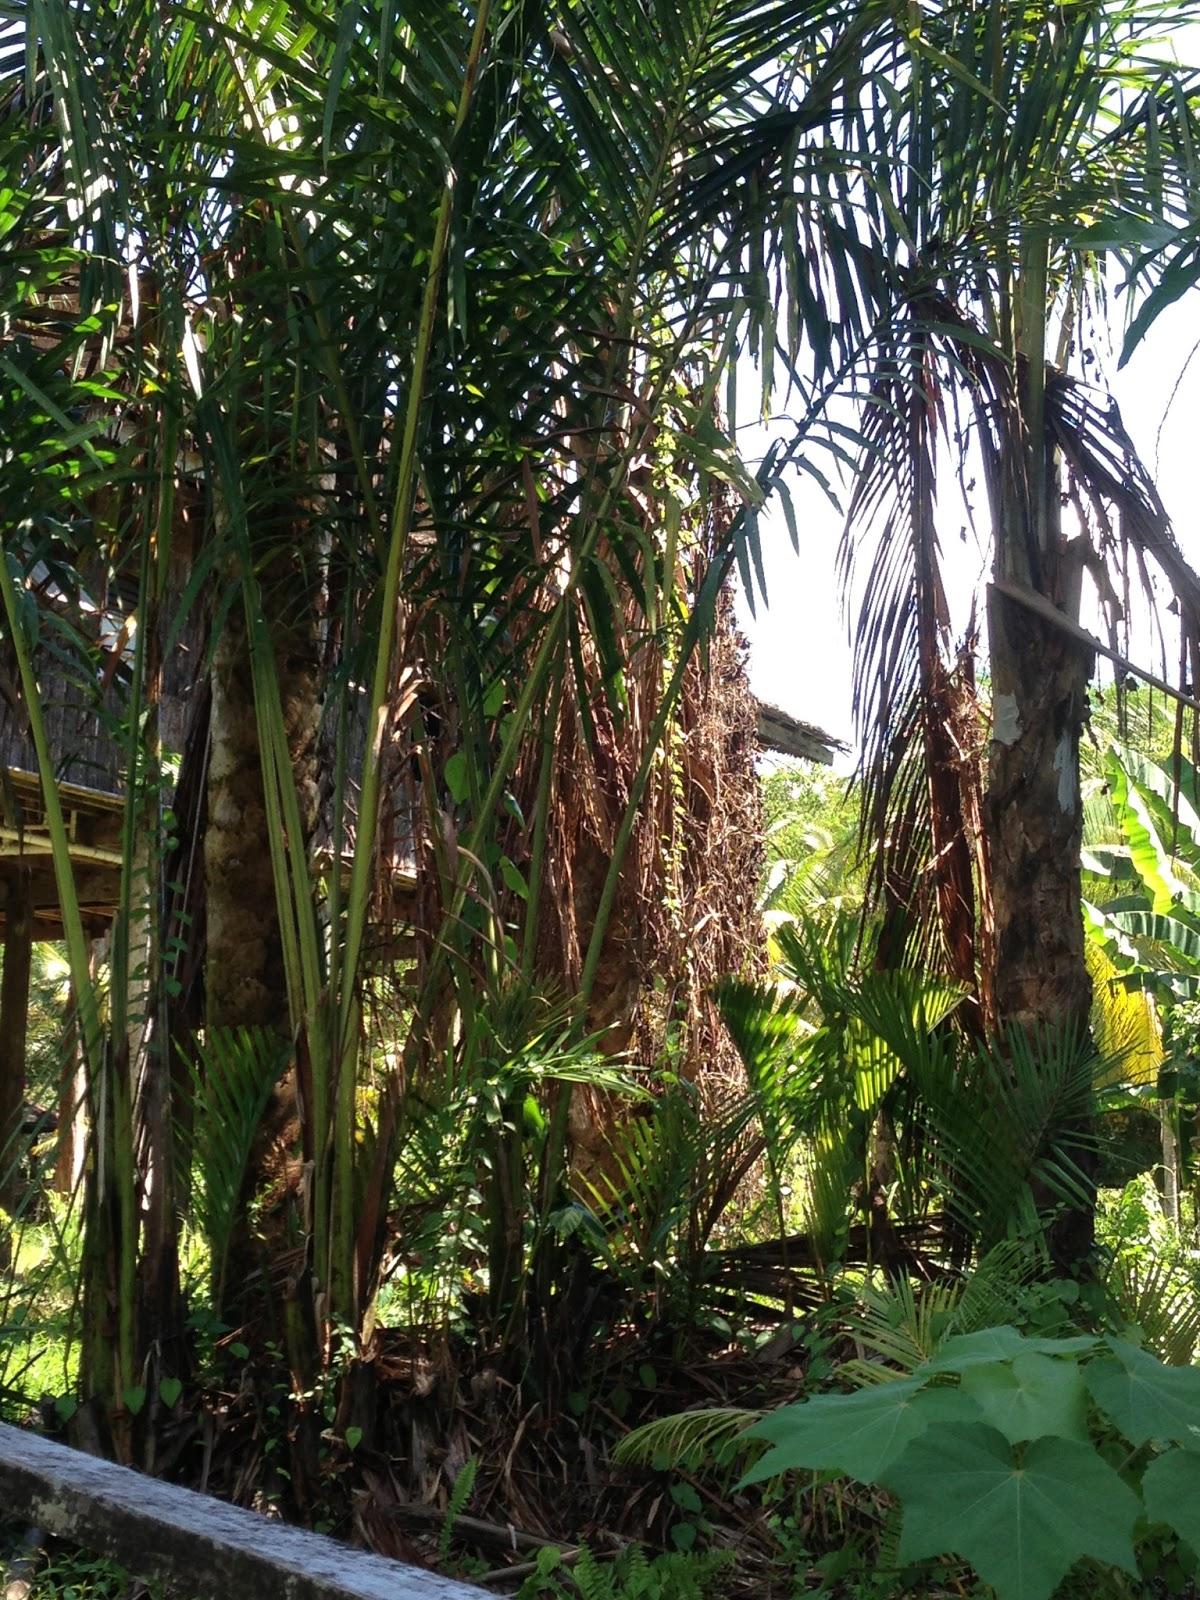 Pokok Rumbia yang terdapat di depan tempat pemprosesan sagu.